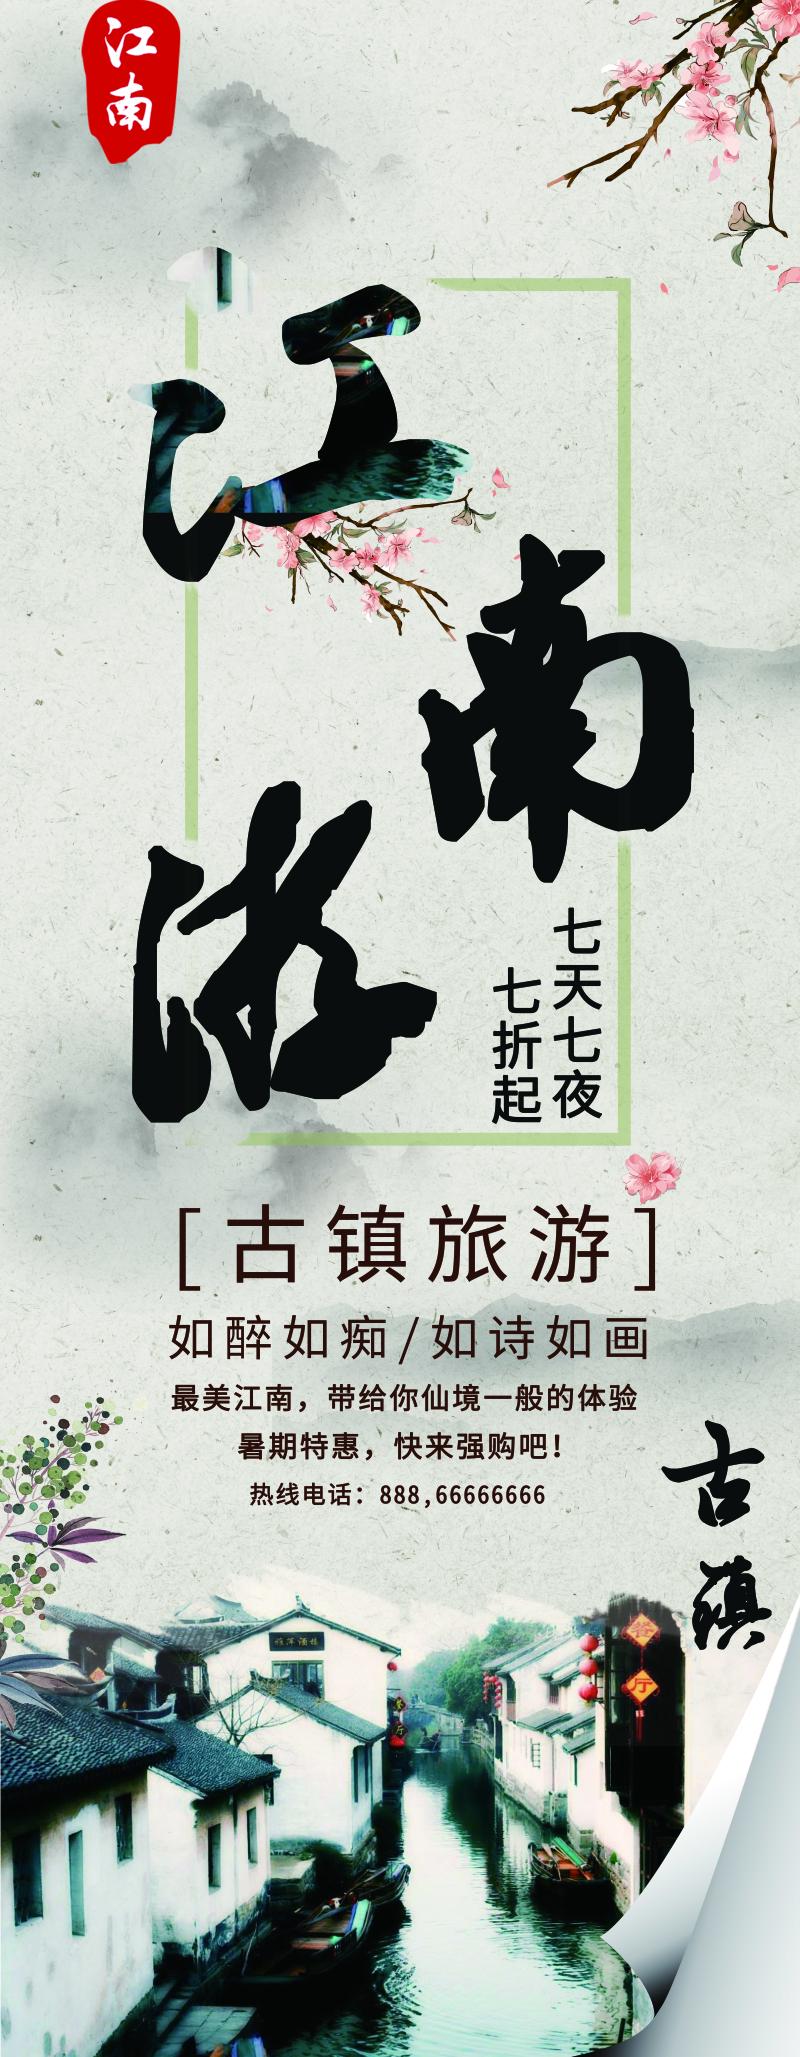 旅行社X展架易拉寶psd ai旅游宣傳促銷源文件模板設計素材